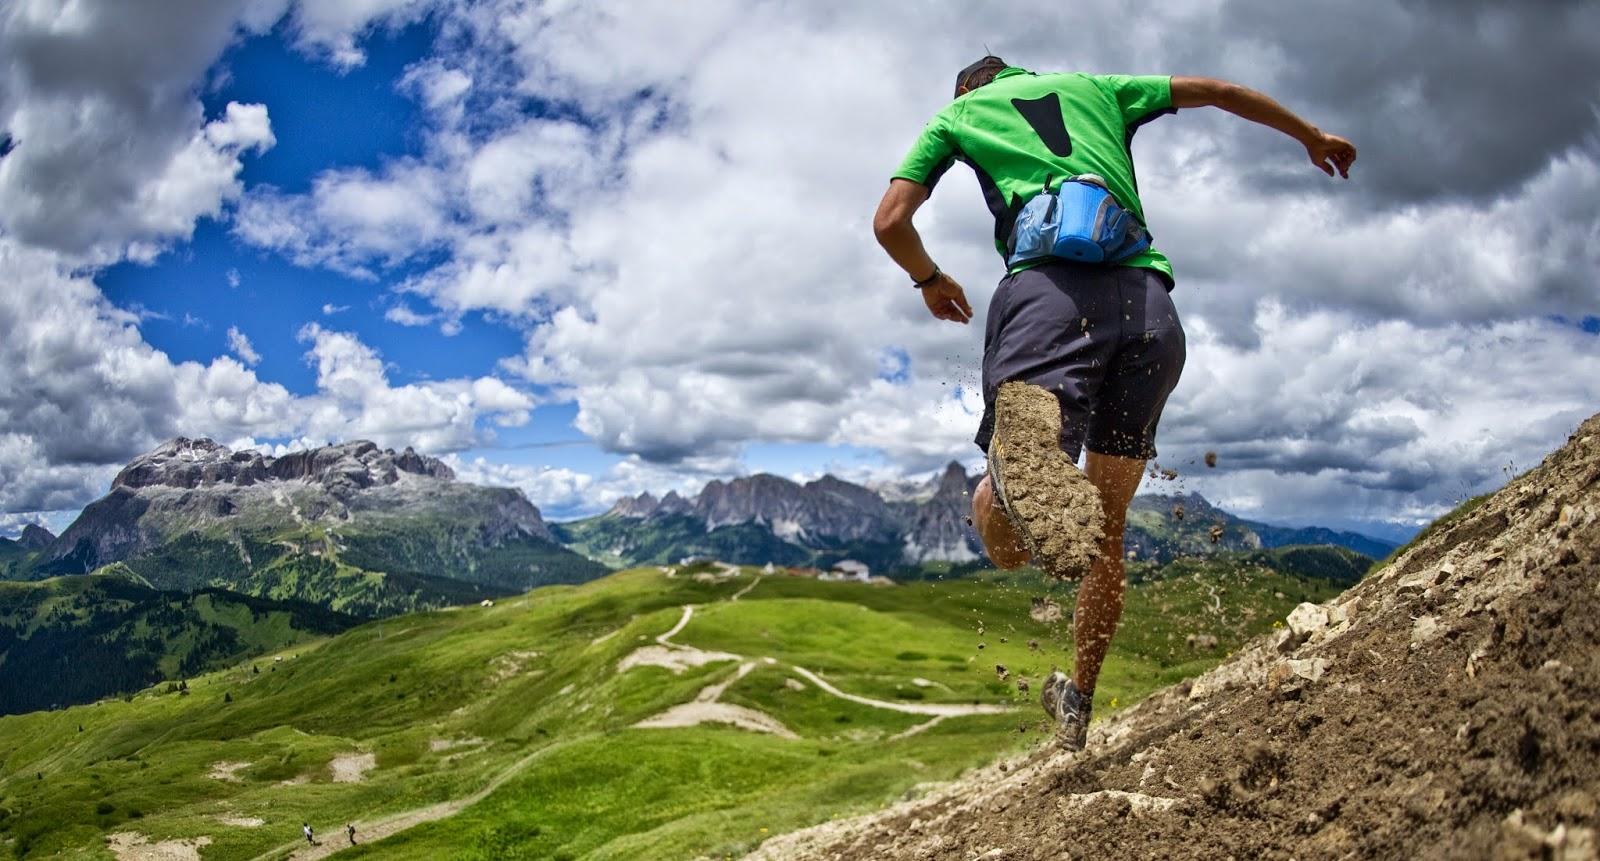 El Trail Running, una variante con muchas propuestas